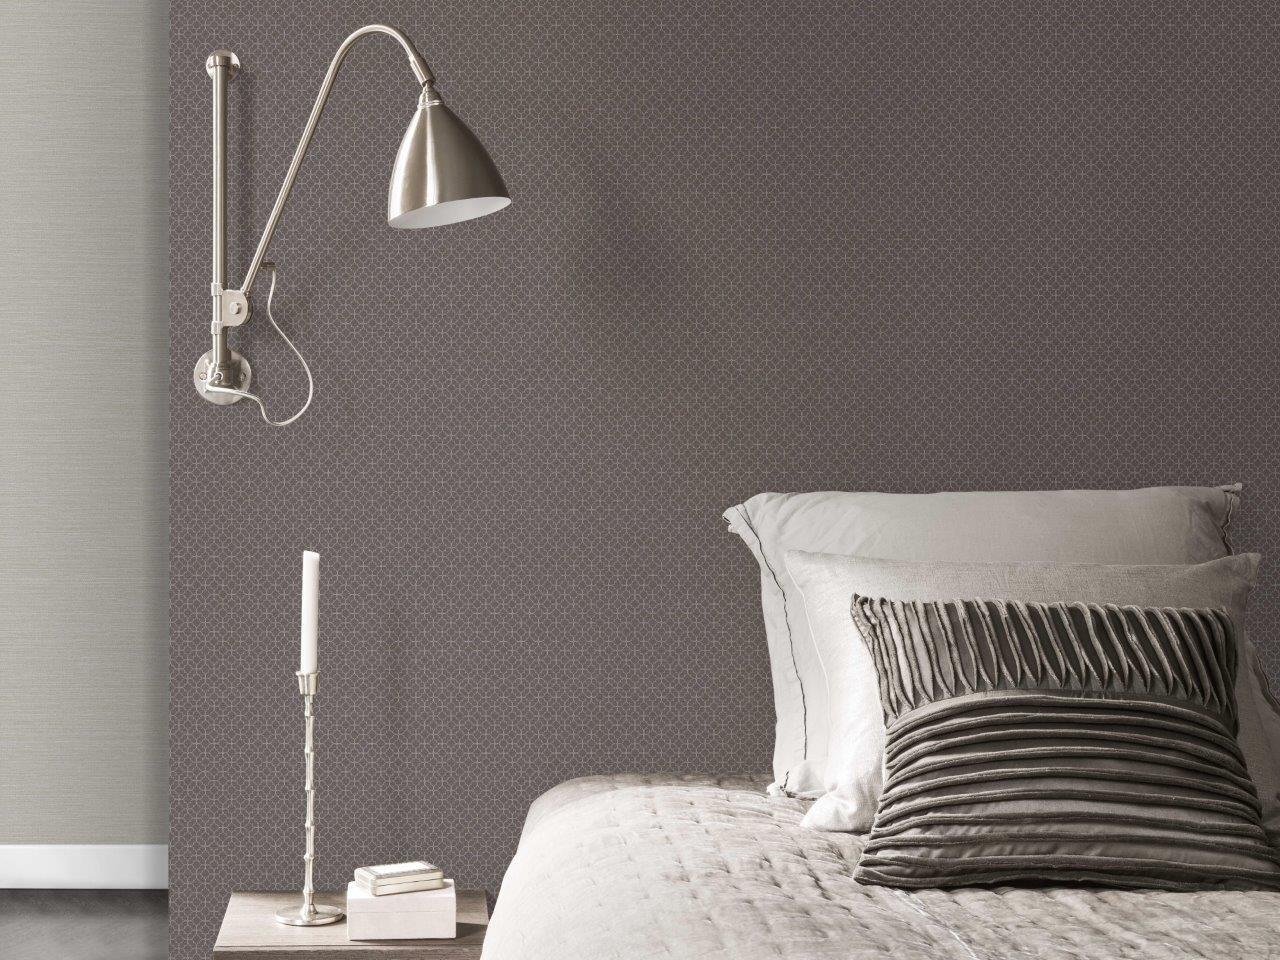 cama e piso vinilico de parede